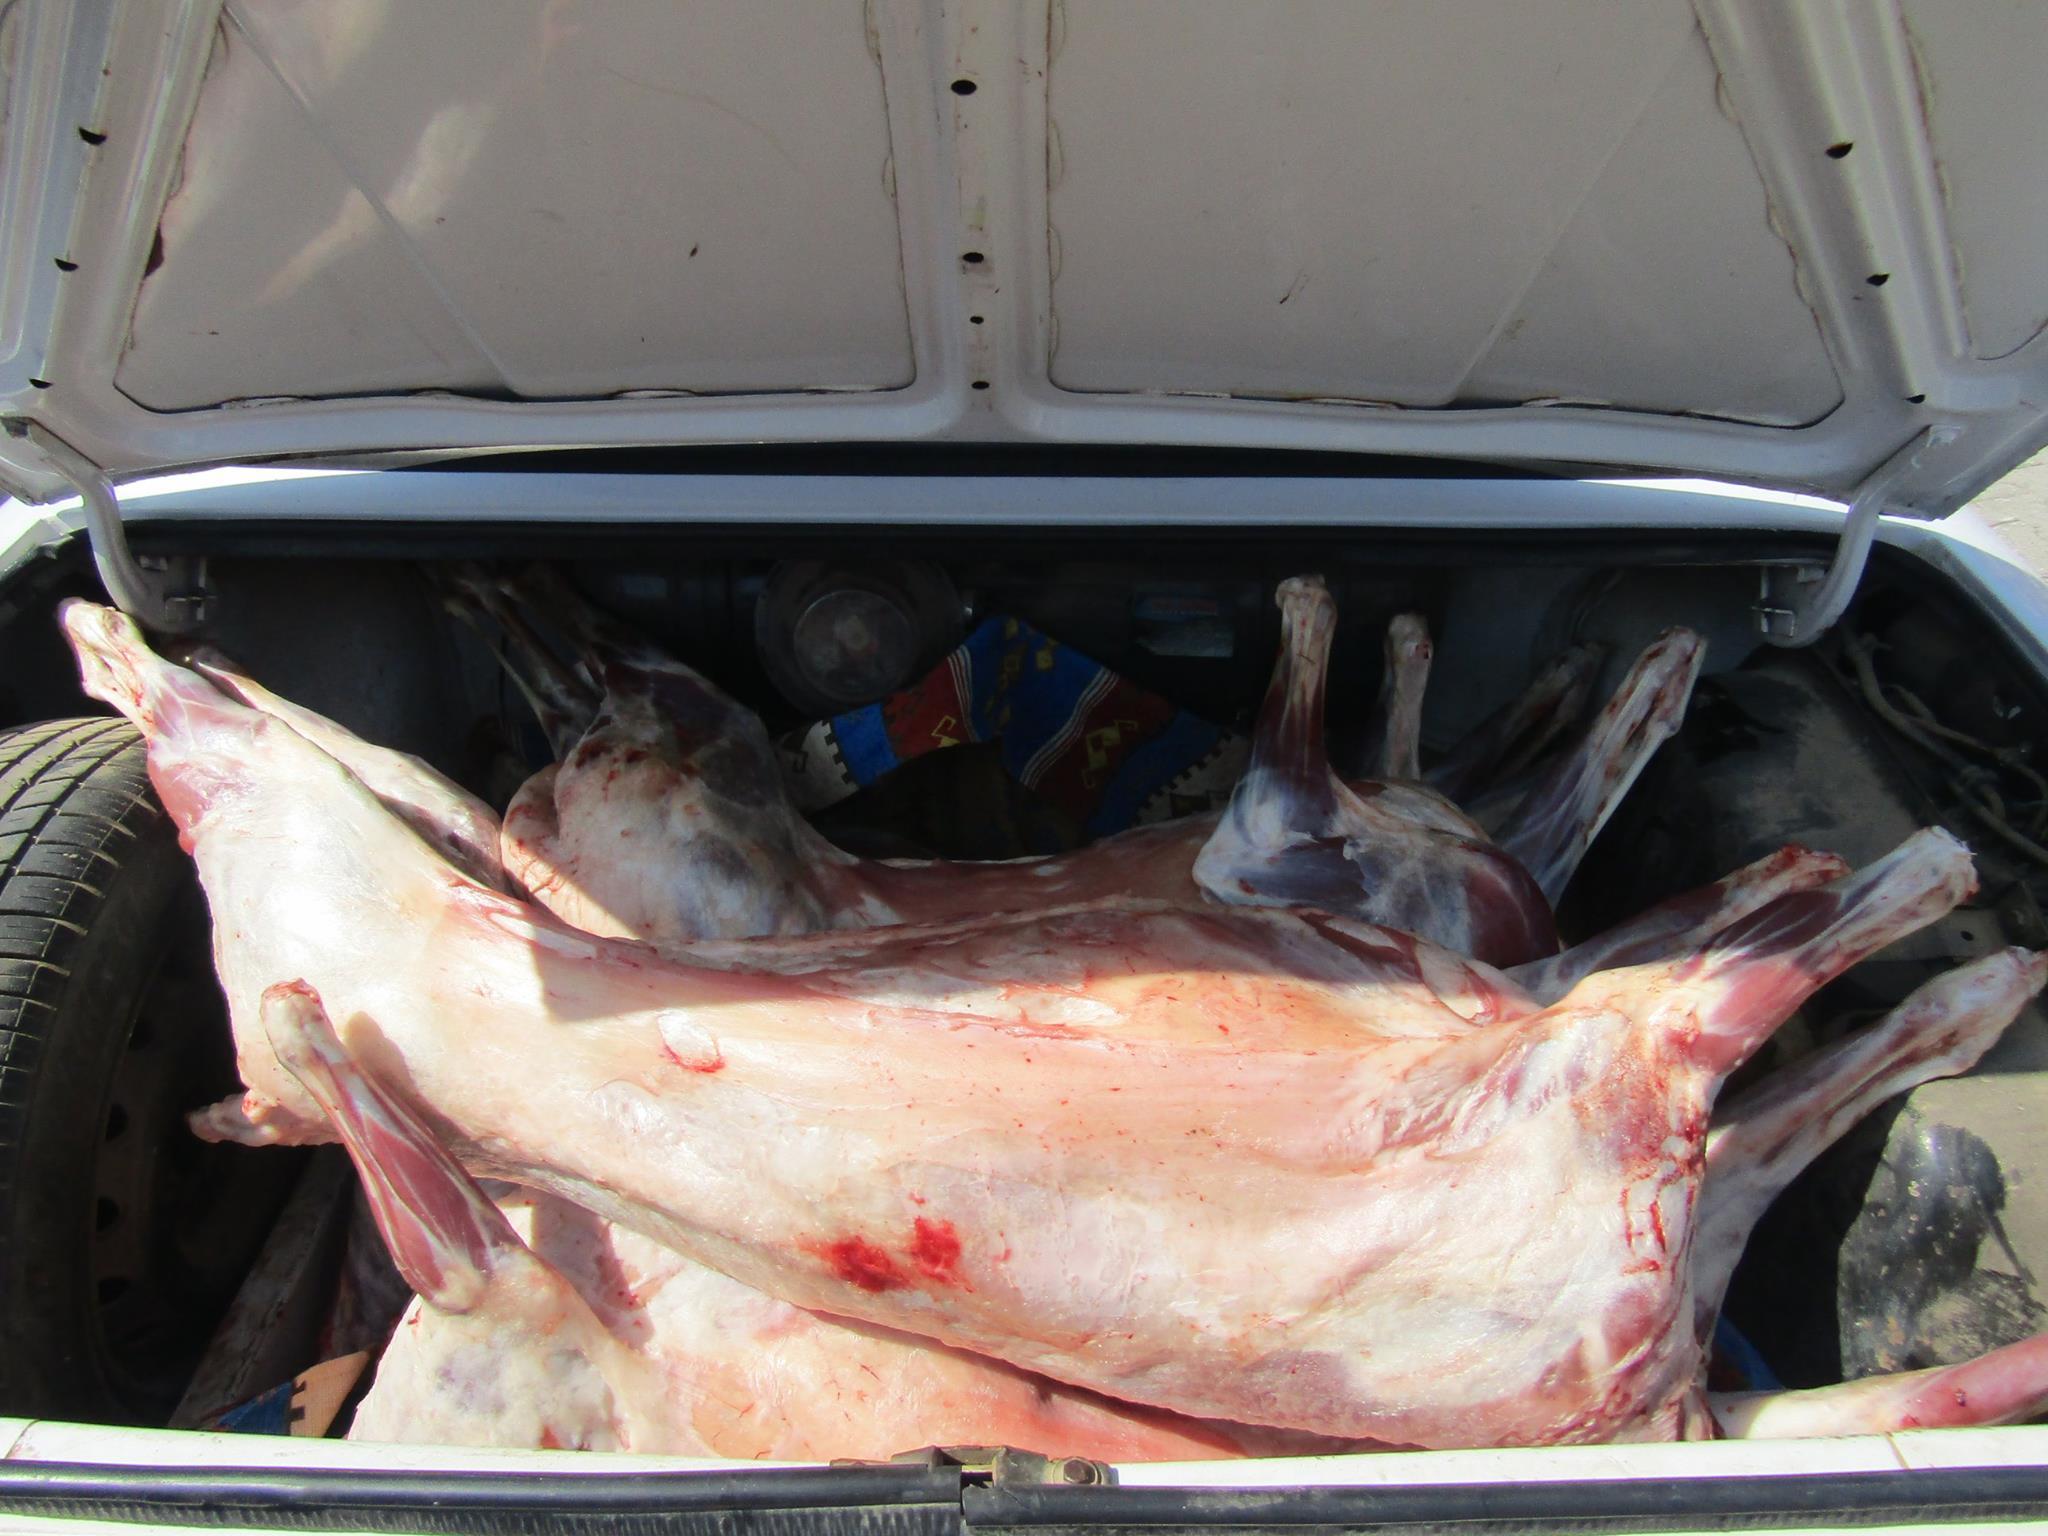 Kaçak kesilen etler otobilin bagacında çıktı